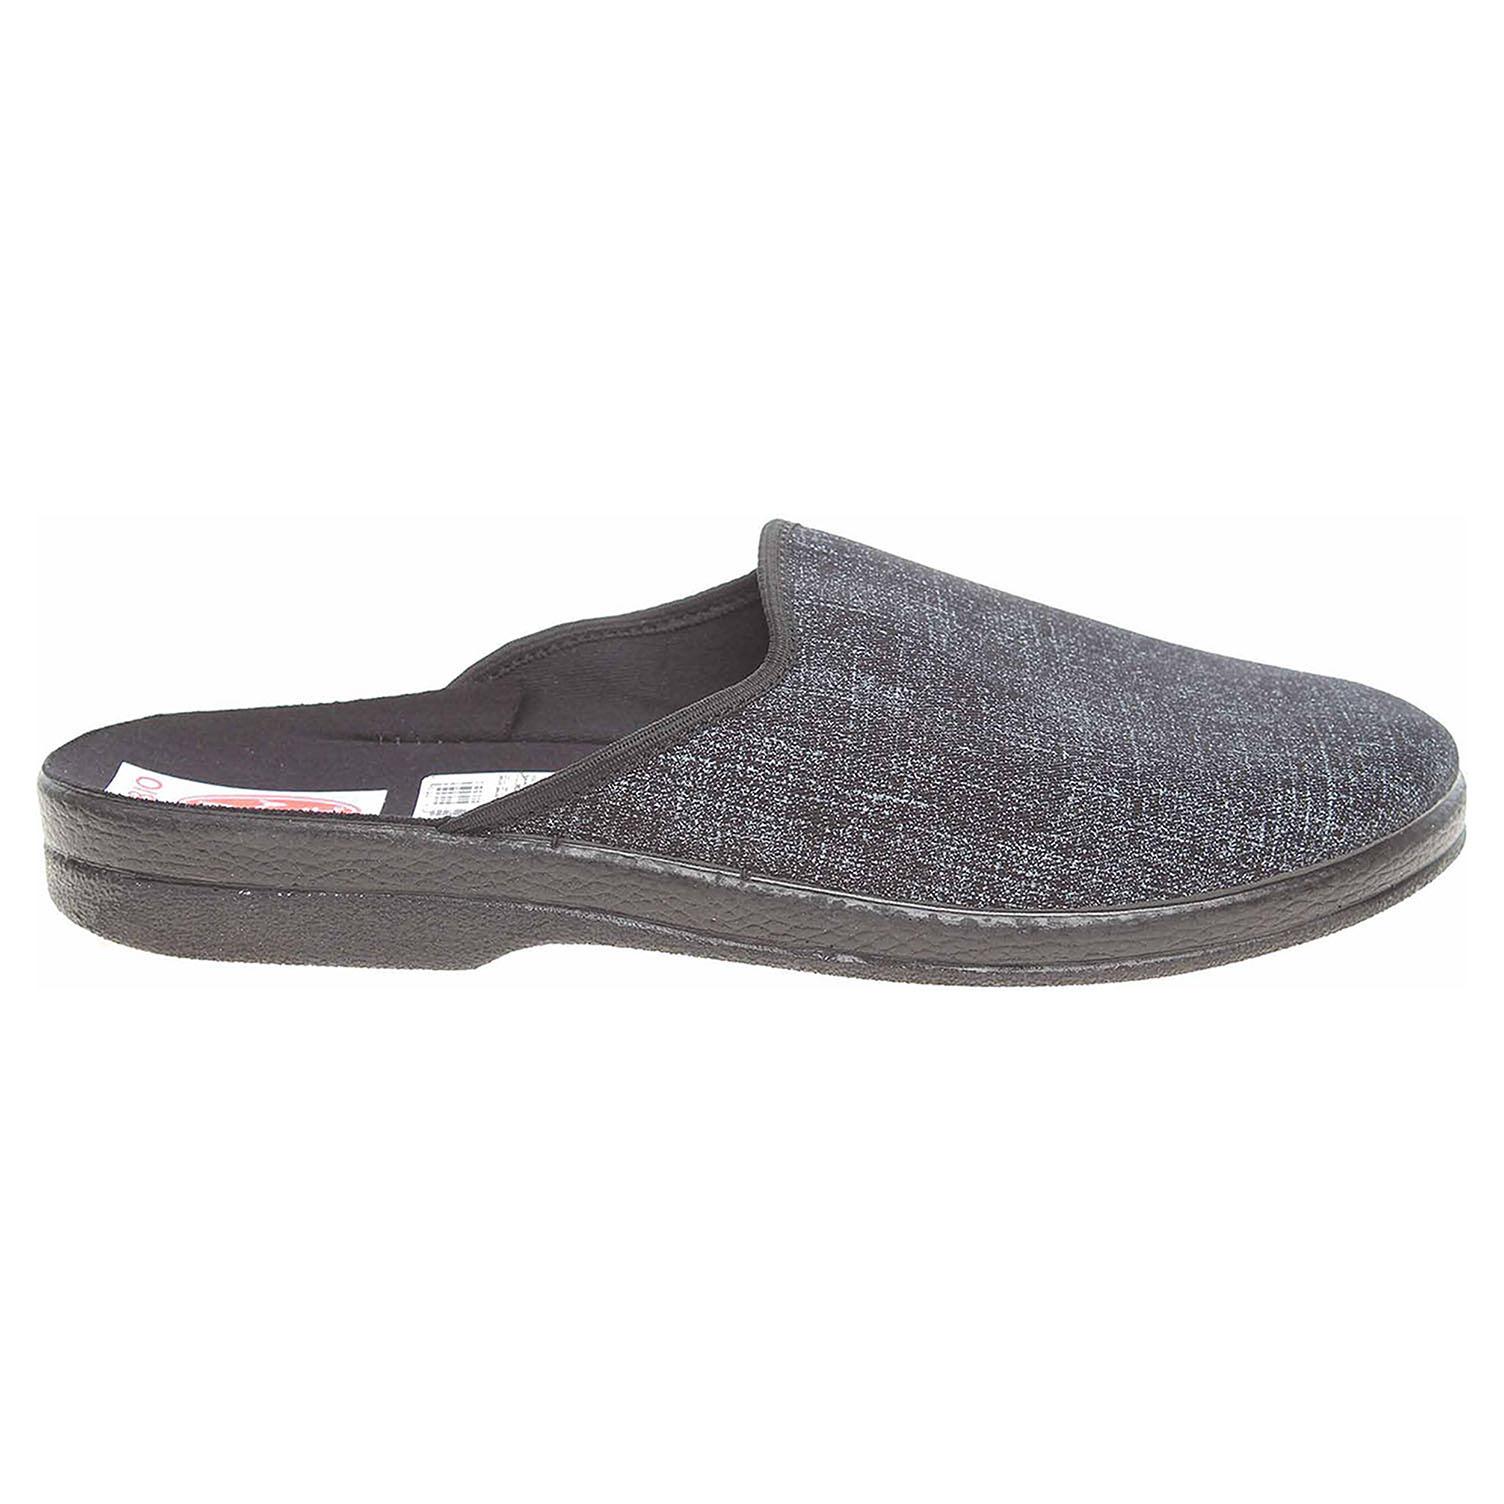 Rogallo pánské domácí pantofle 21774 modrá  80209bc3ba